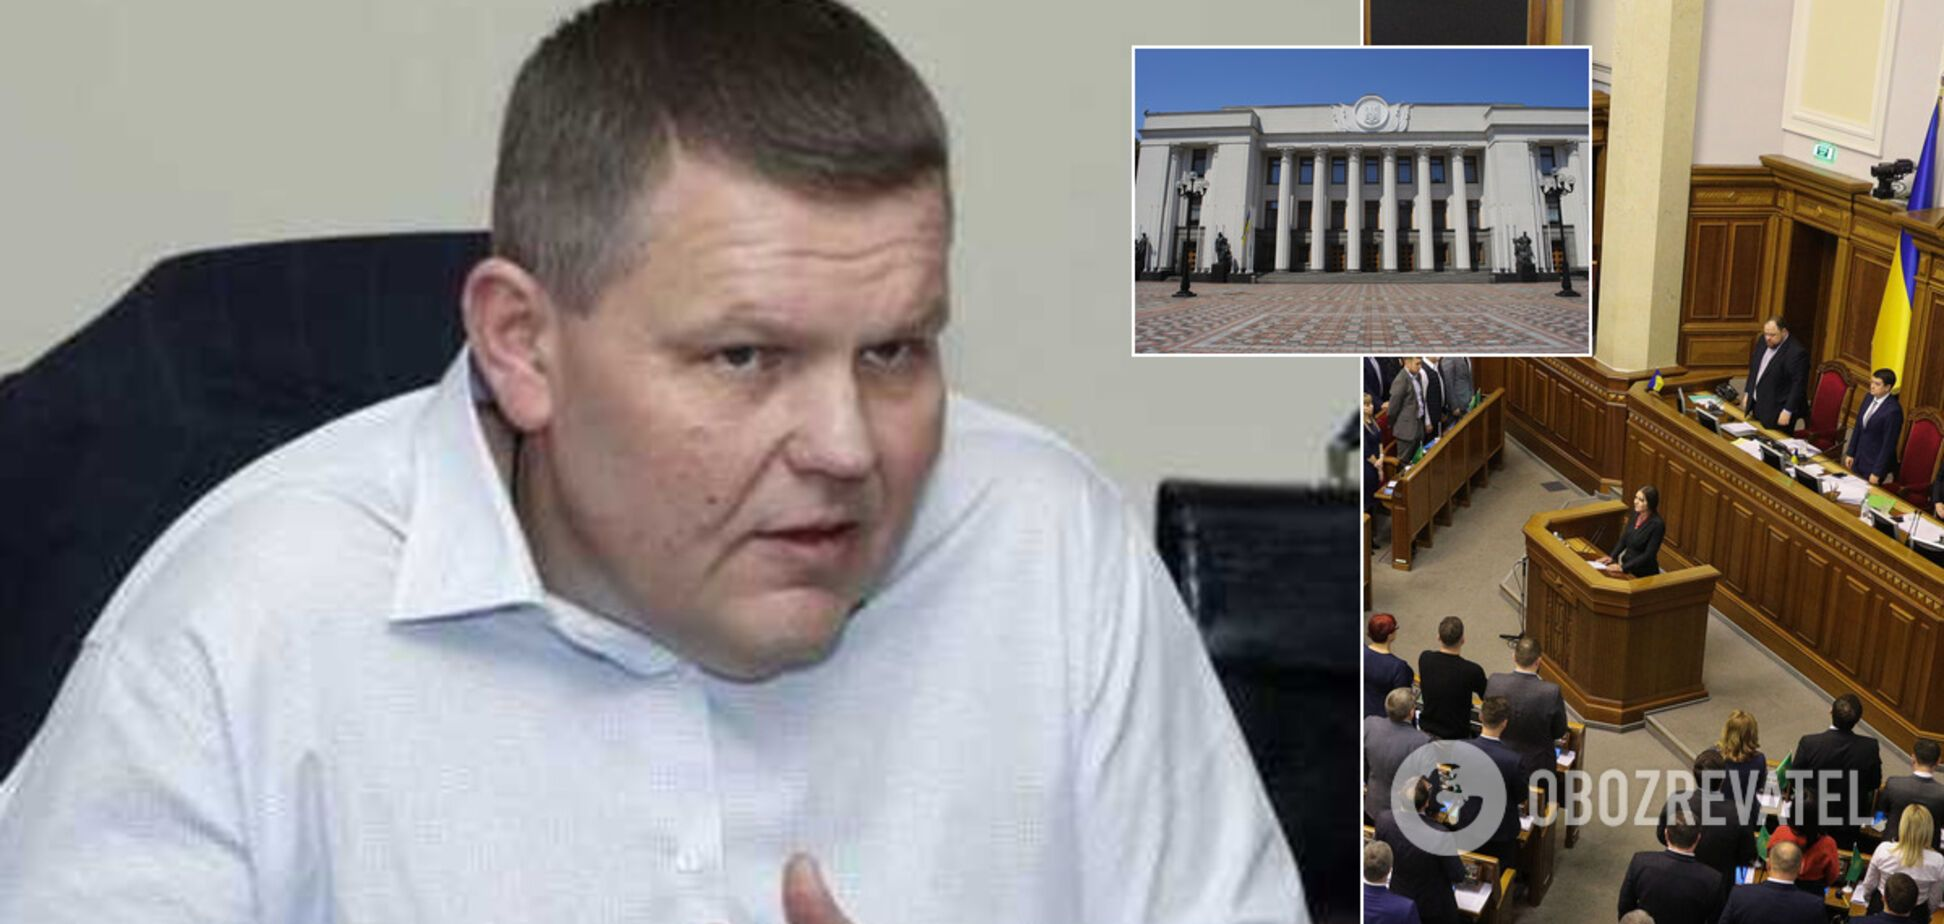 Угроза большинству и передел под выборы: что изменится в Раде после загадочной смерти нардепа Давыденко